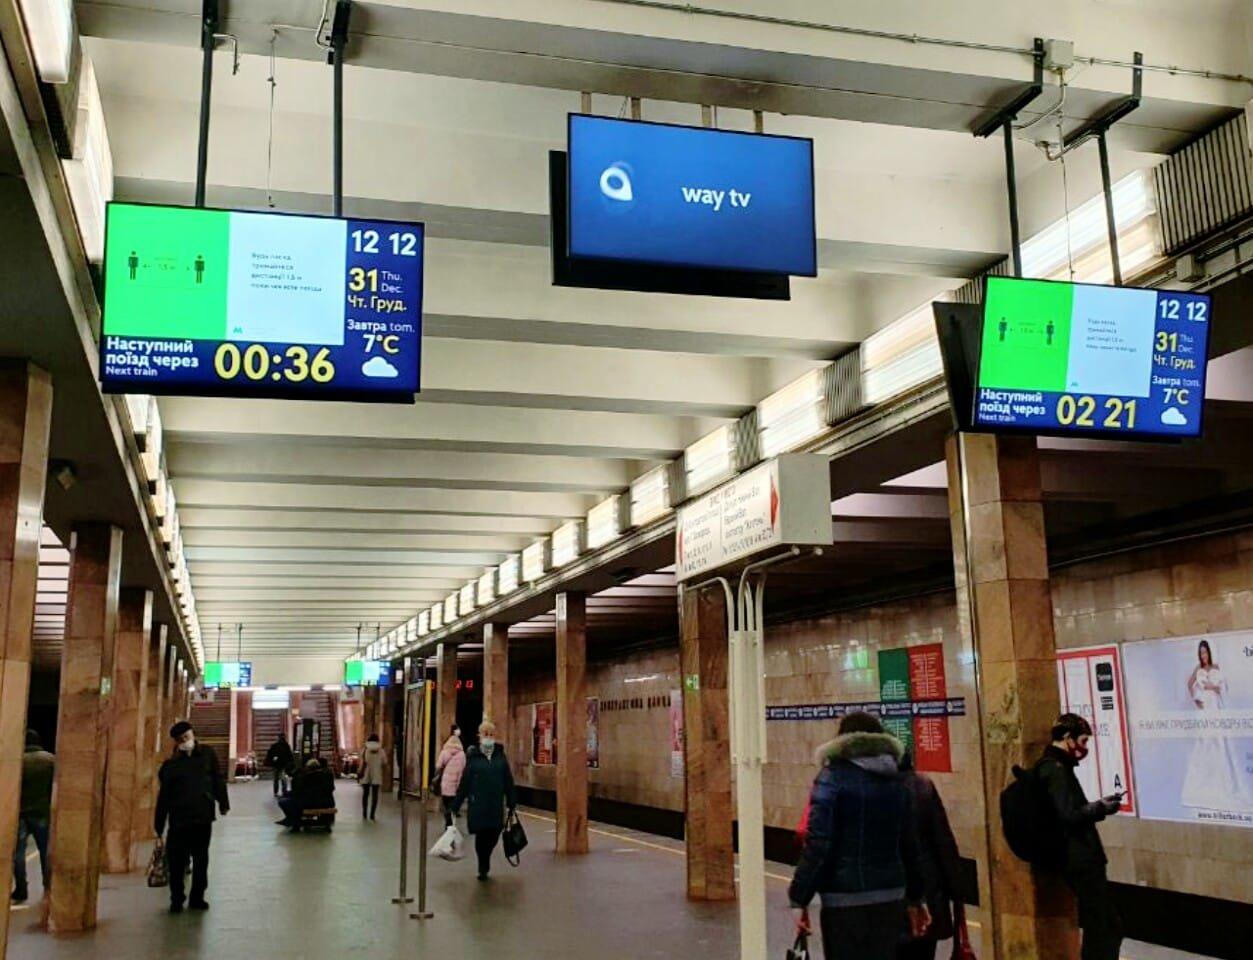 В киевском метро сегодня установят первые табло с обратным отсчетом времени, ФОТО, Фото киевского метрополитена